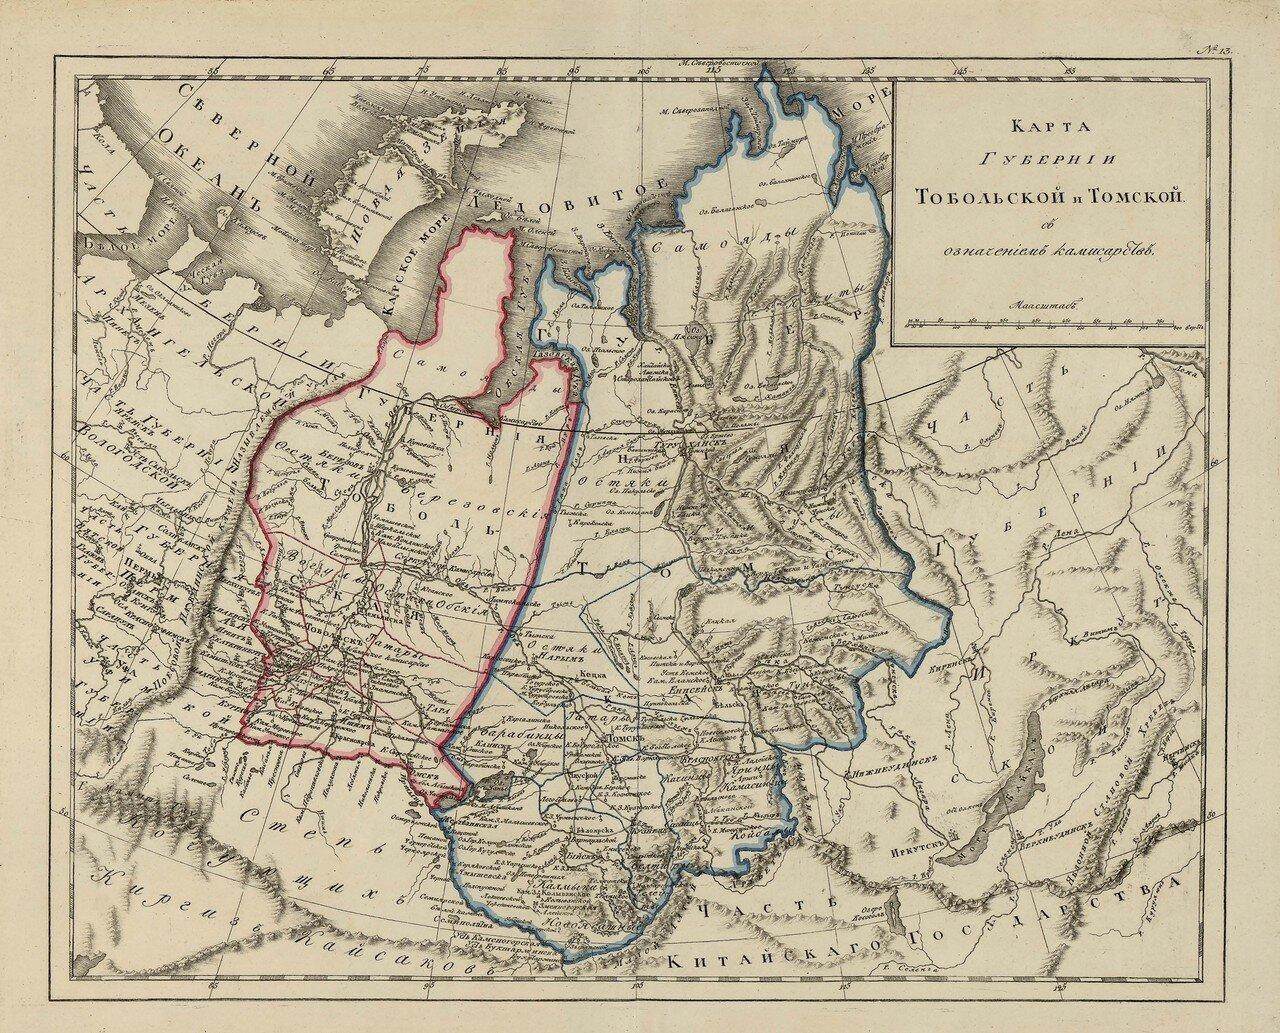 14. Карта губернии Тобольской и Томской